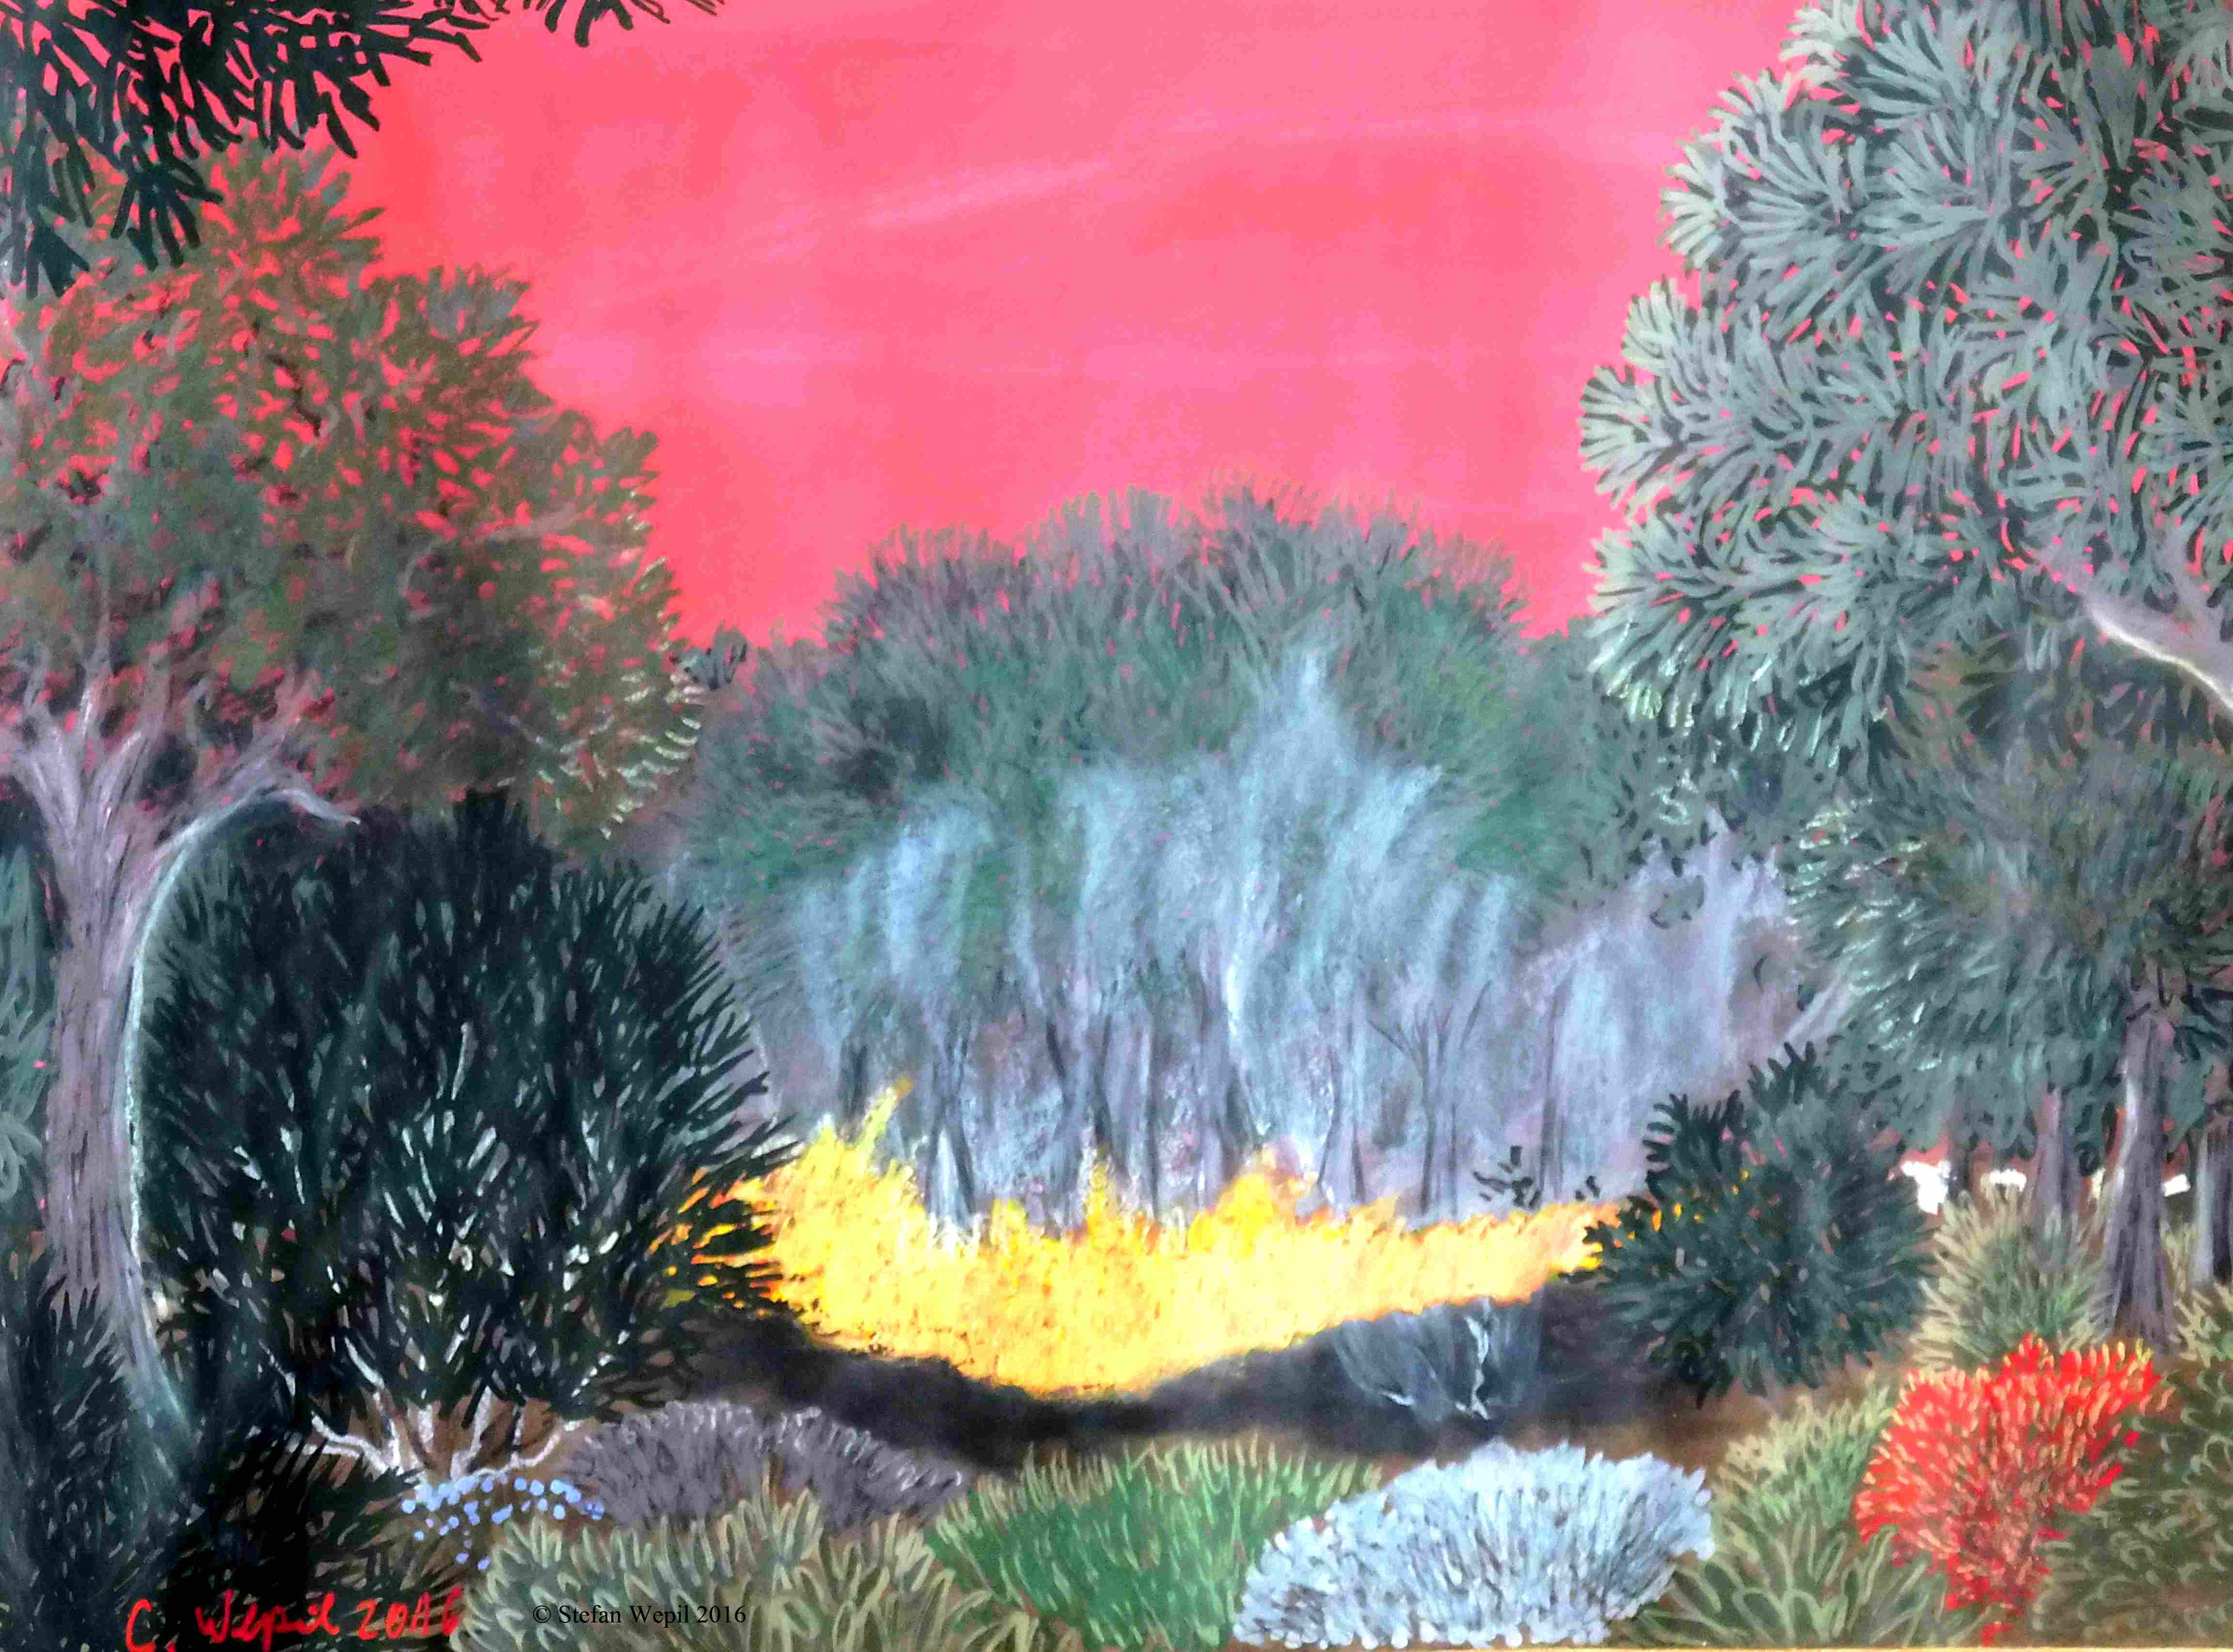 Waldbrand auf Katron (C) Stefan Wepil